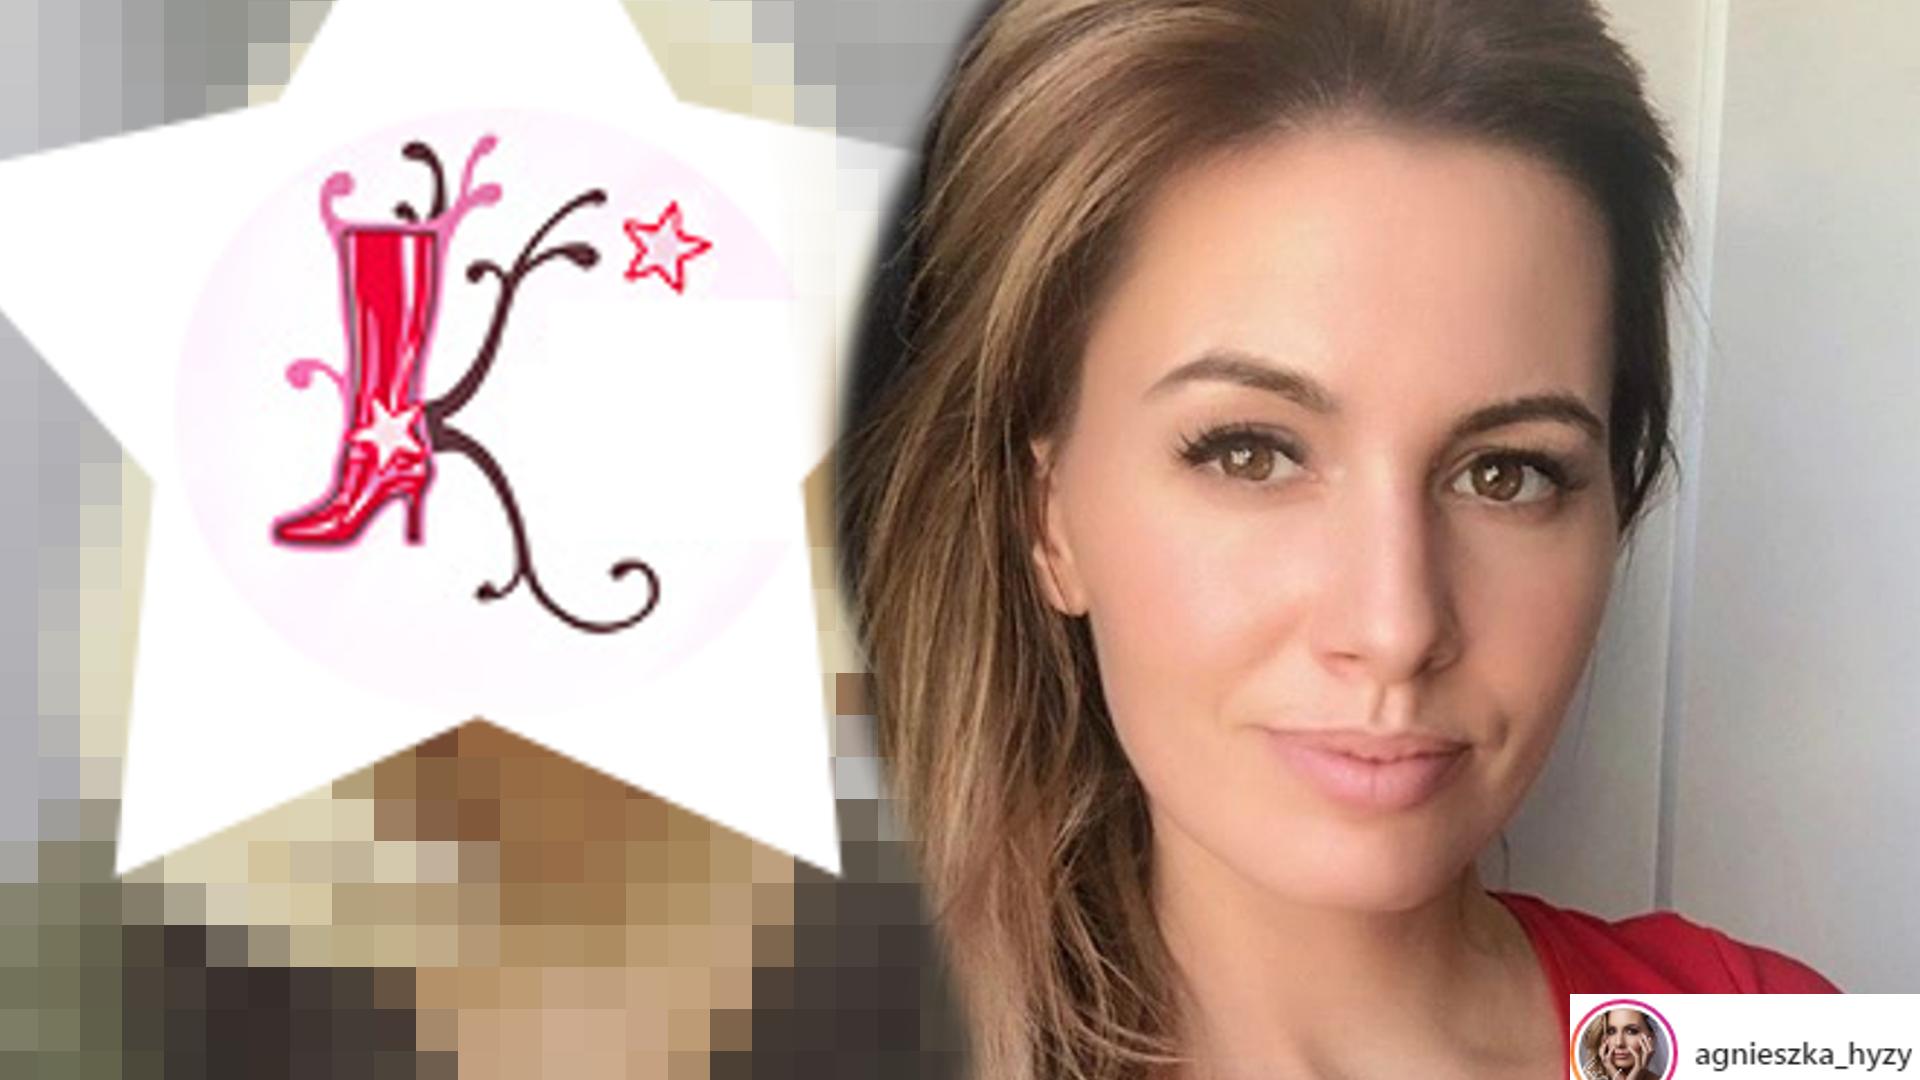 Agnieszka Hyży DIAMETRALNIE zmieniła fryzurę. Zobaczcie, kogo przypomina